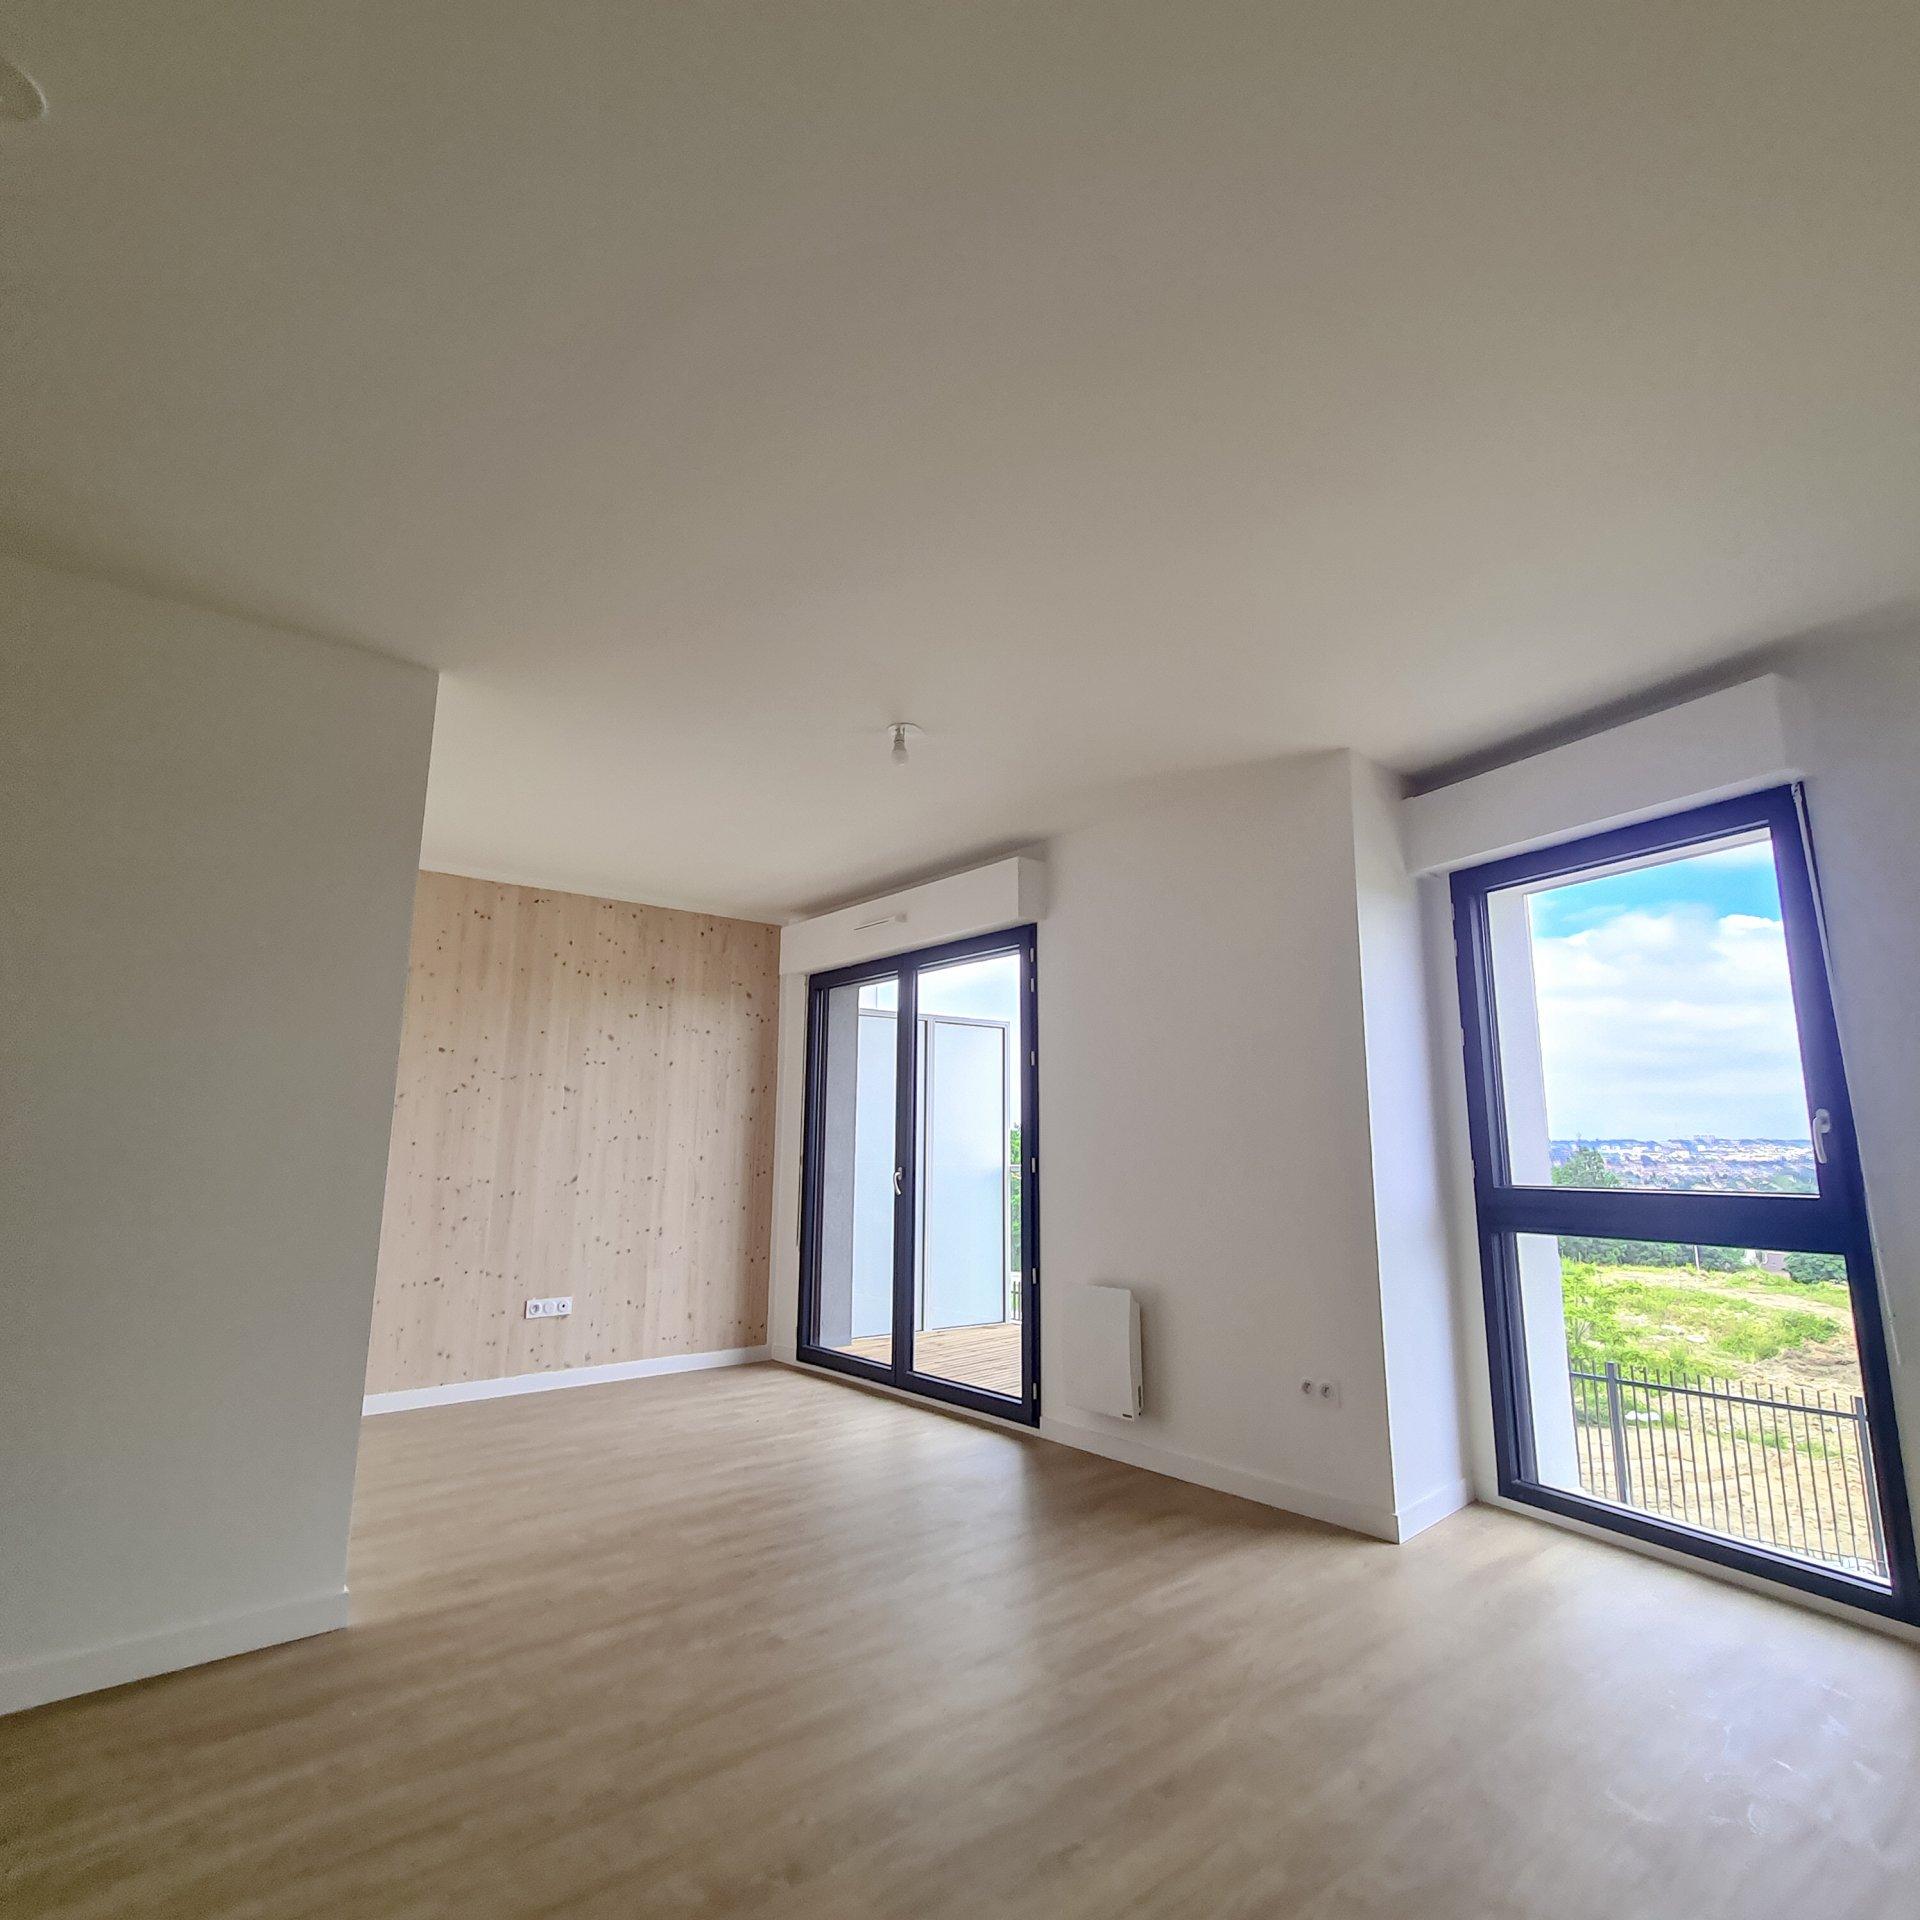 Location Appartement - Bry-sur-Marne Haut de Bry